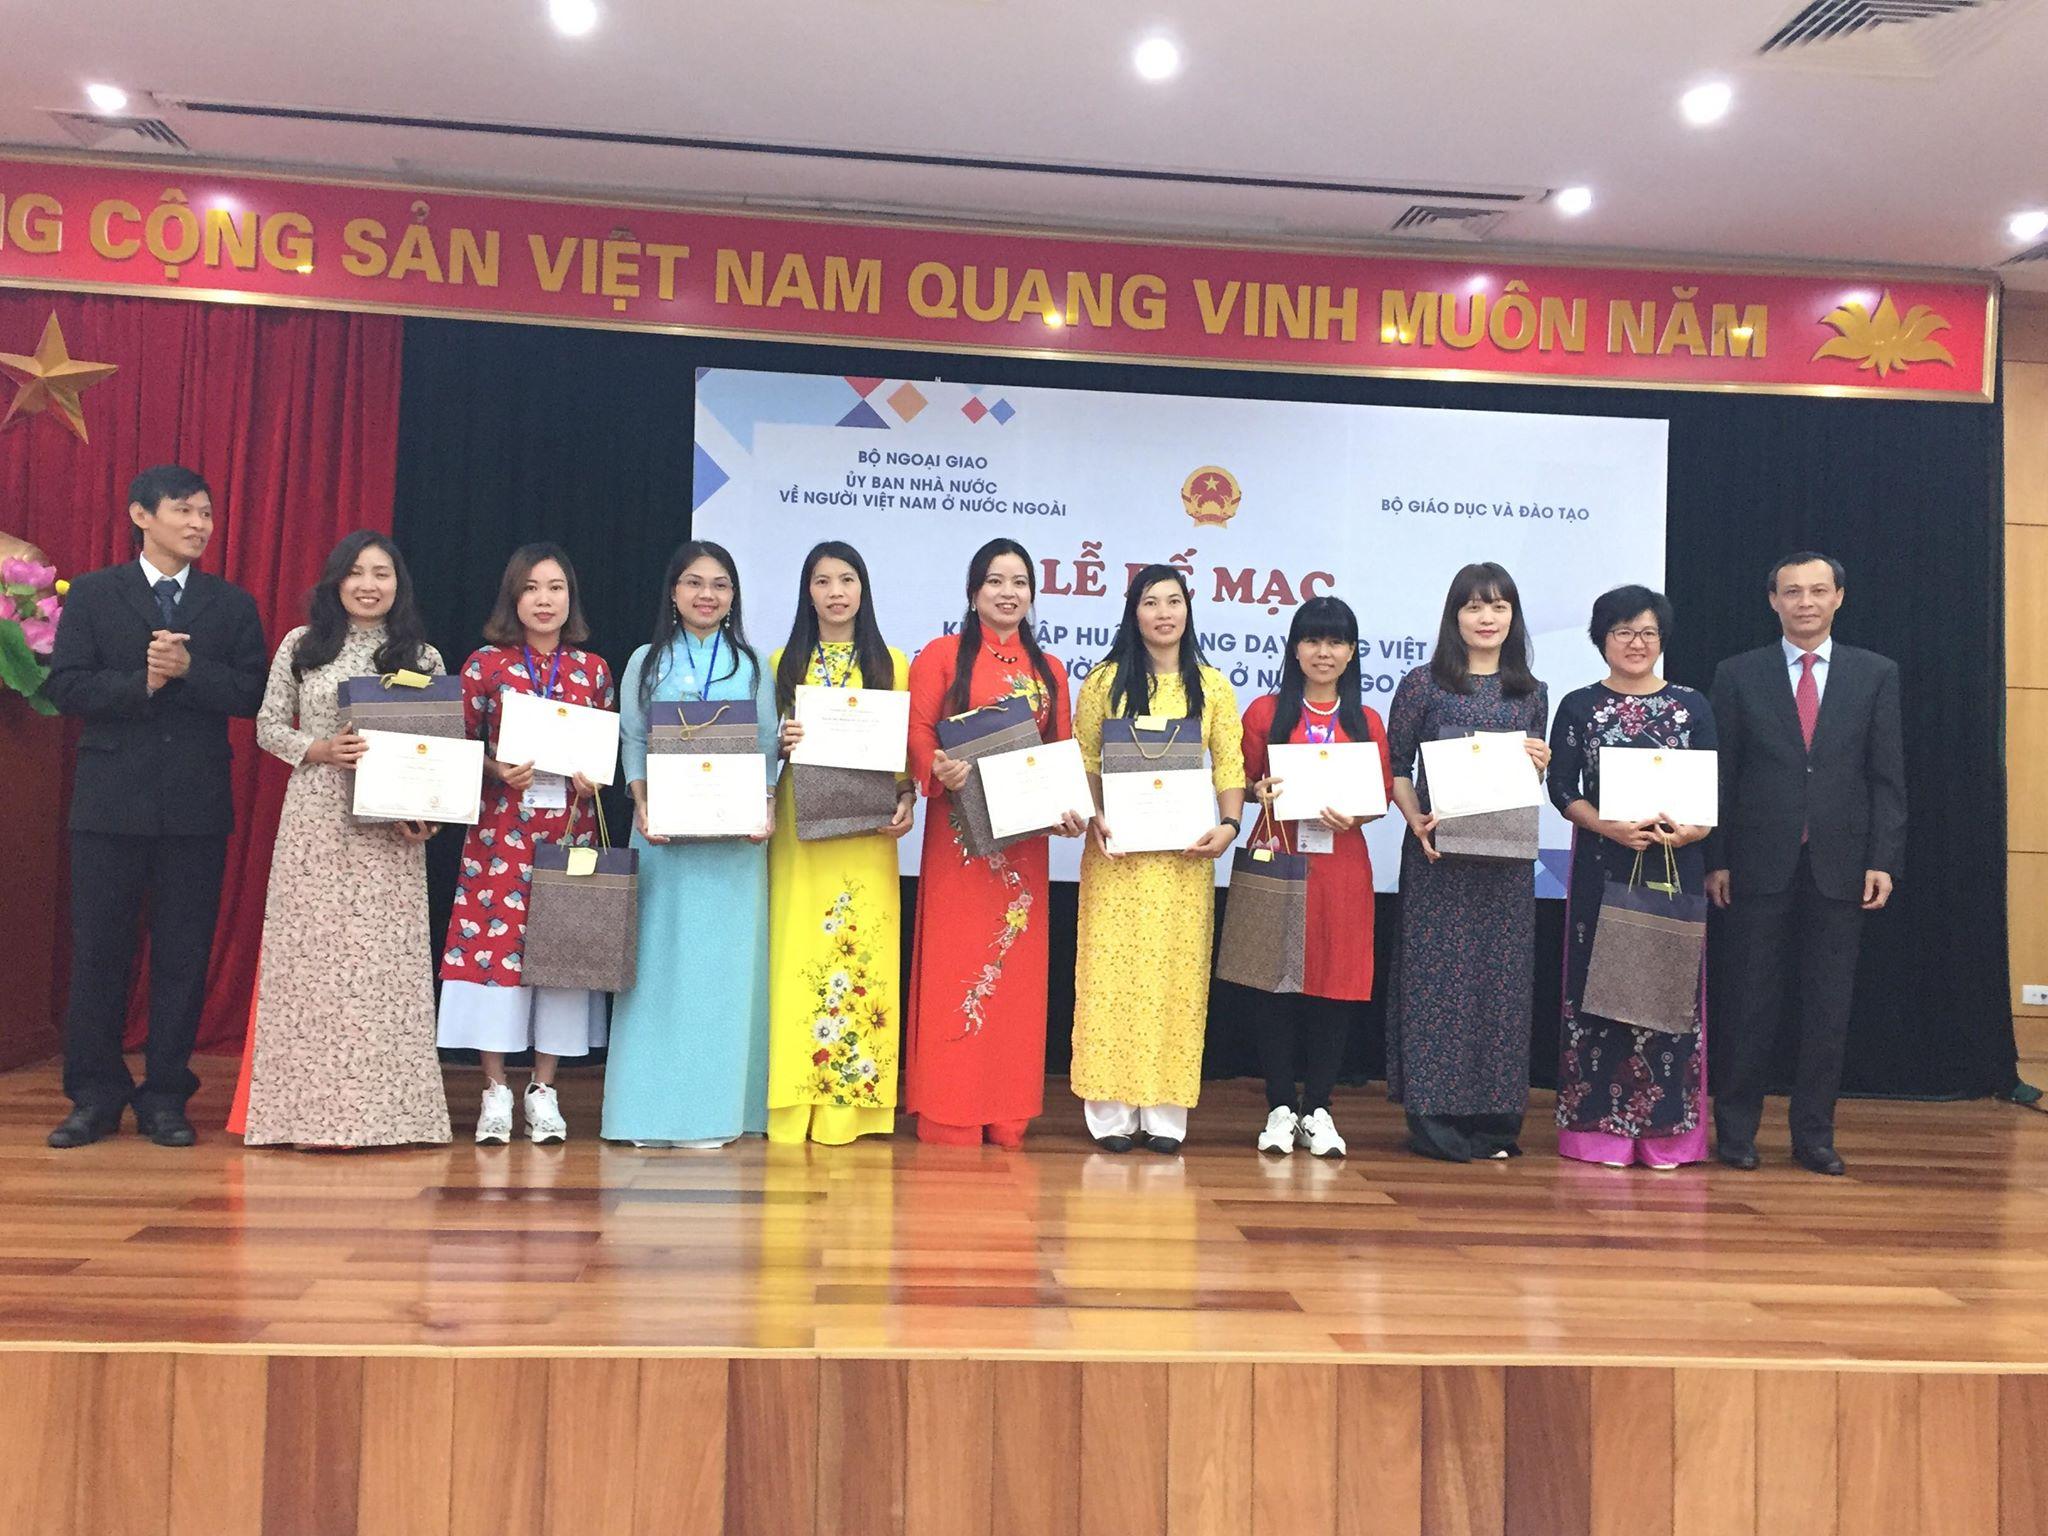 Tiếng Việt là sợi dây kết nối yêu thương